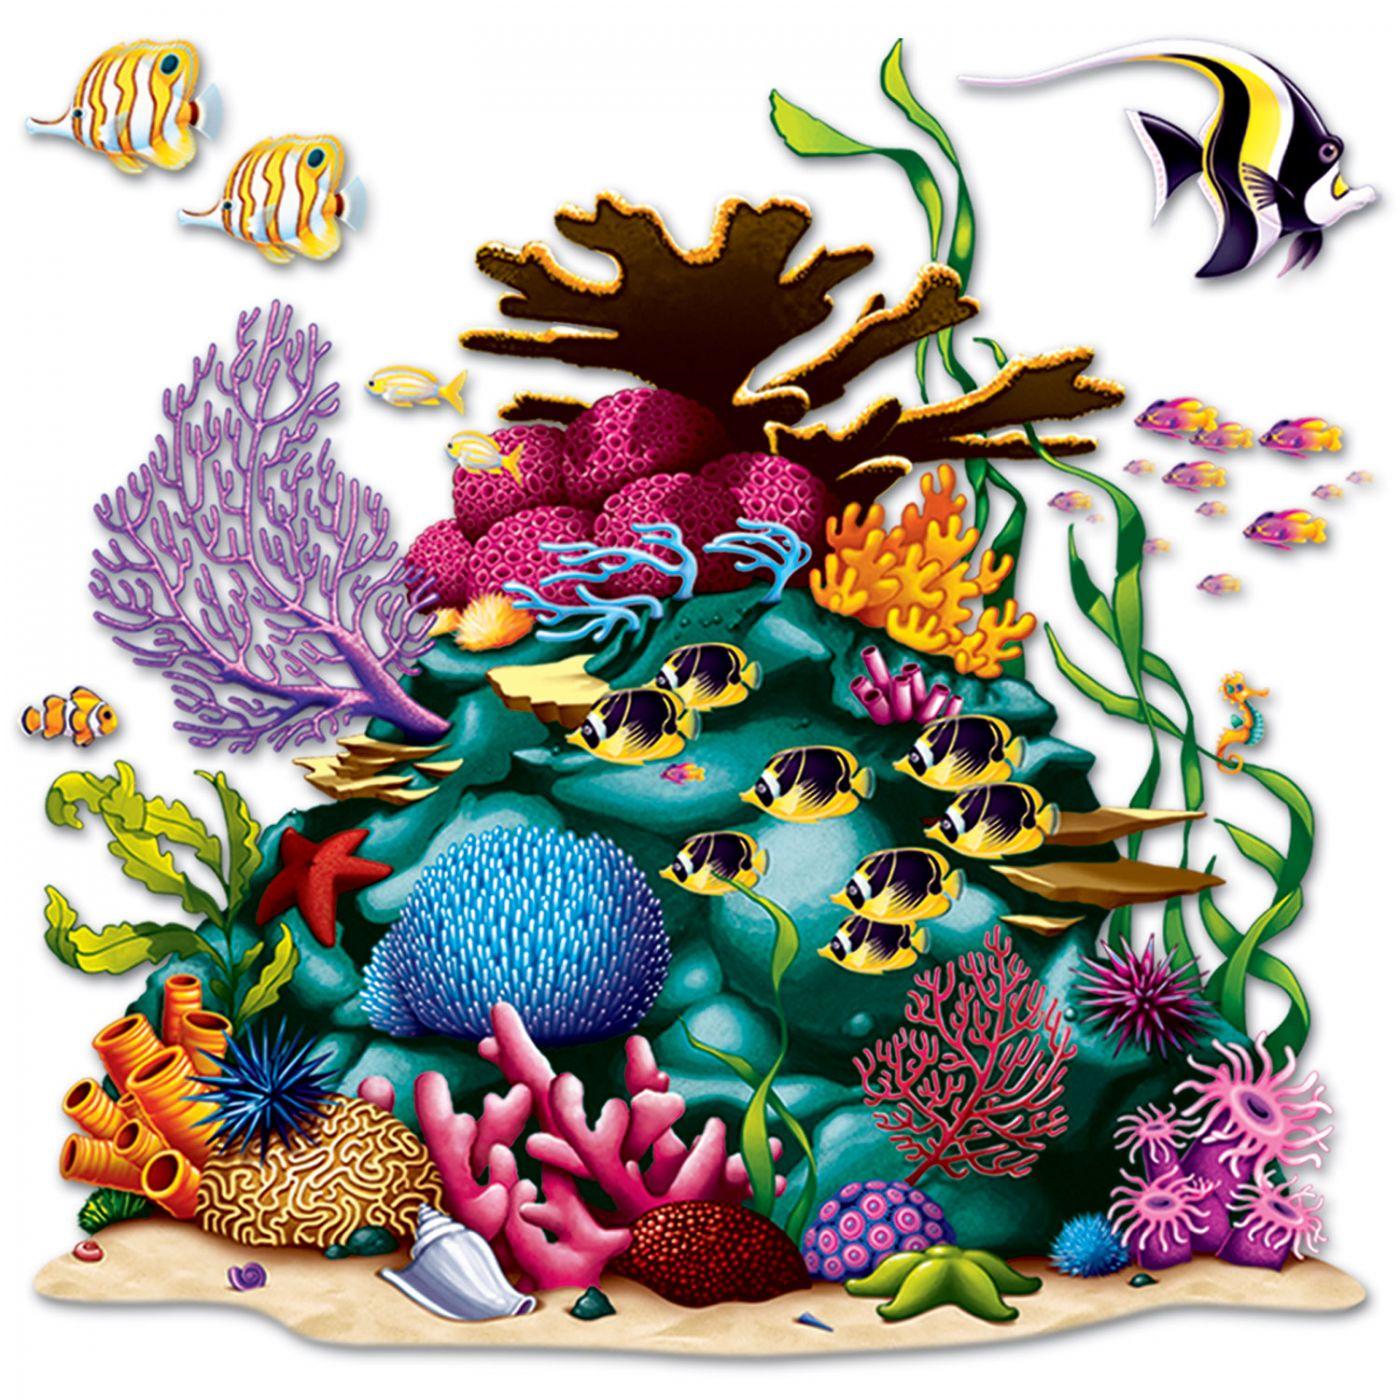 Coral Reef Prop image